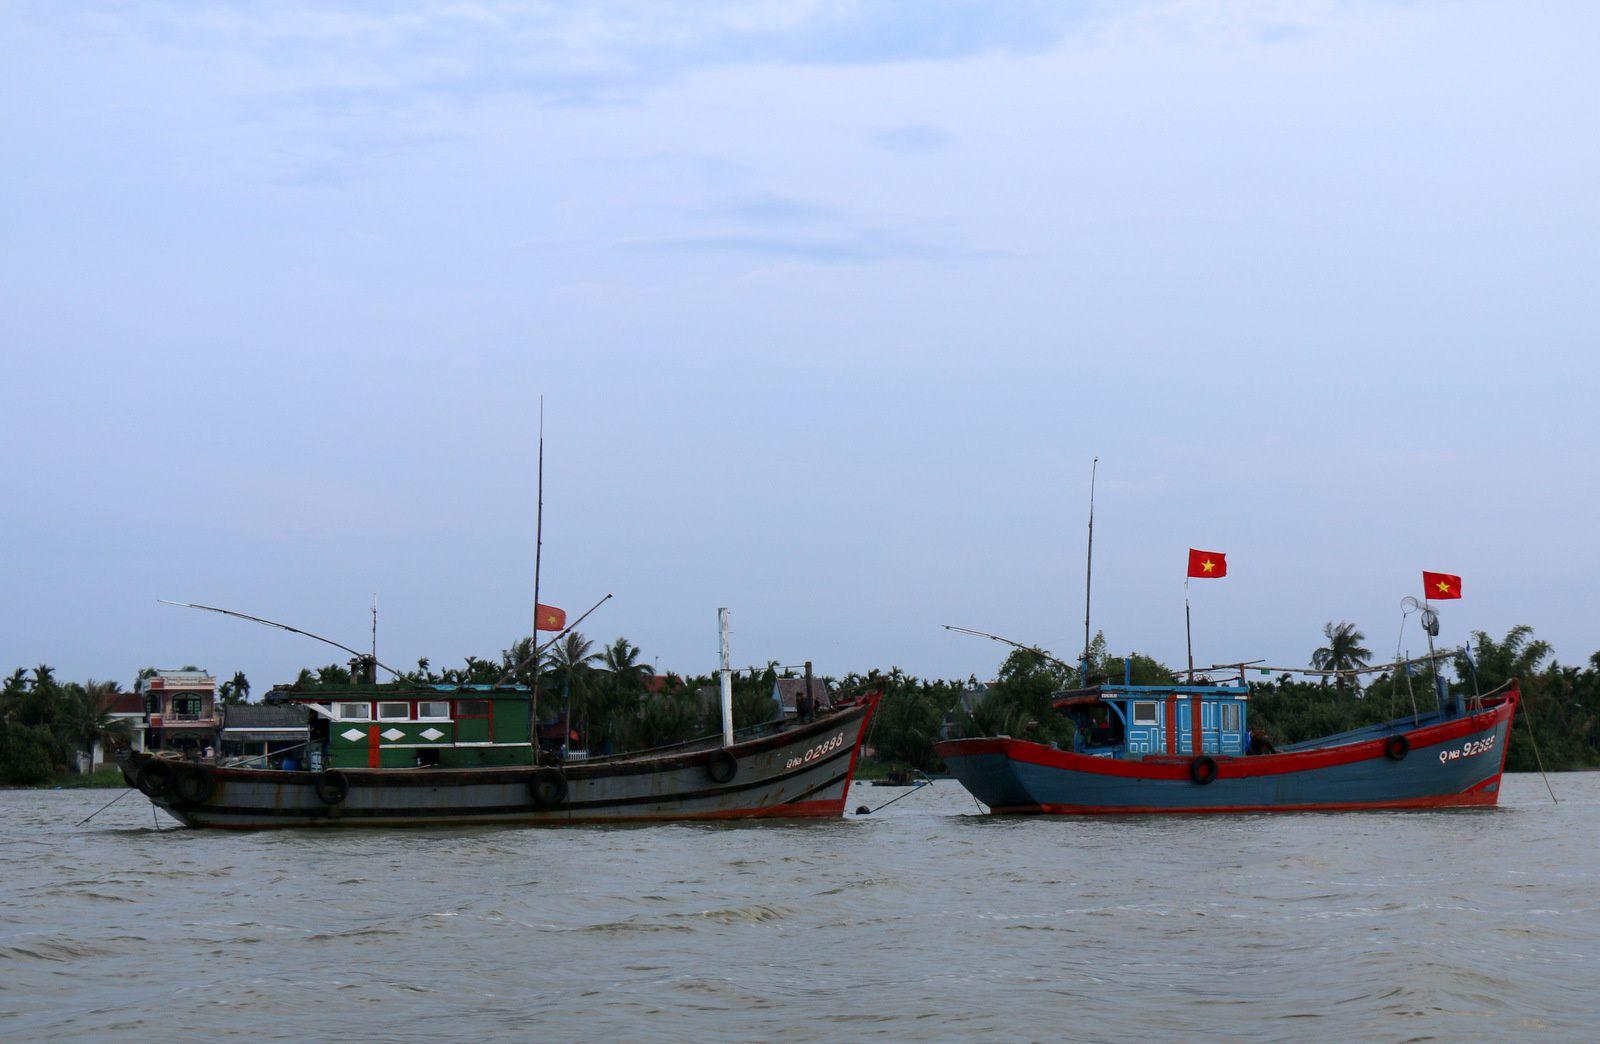 Bateaux sur la rivière Thu Bon (2/2), Hội An (Vietnam)